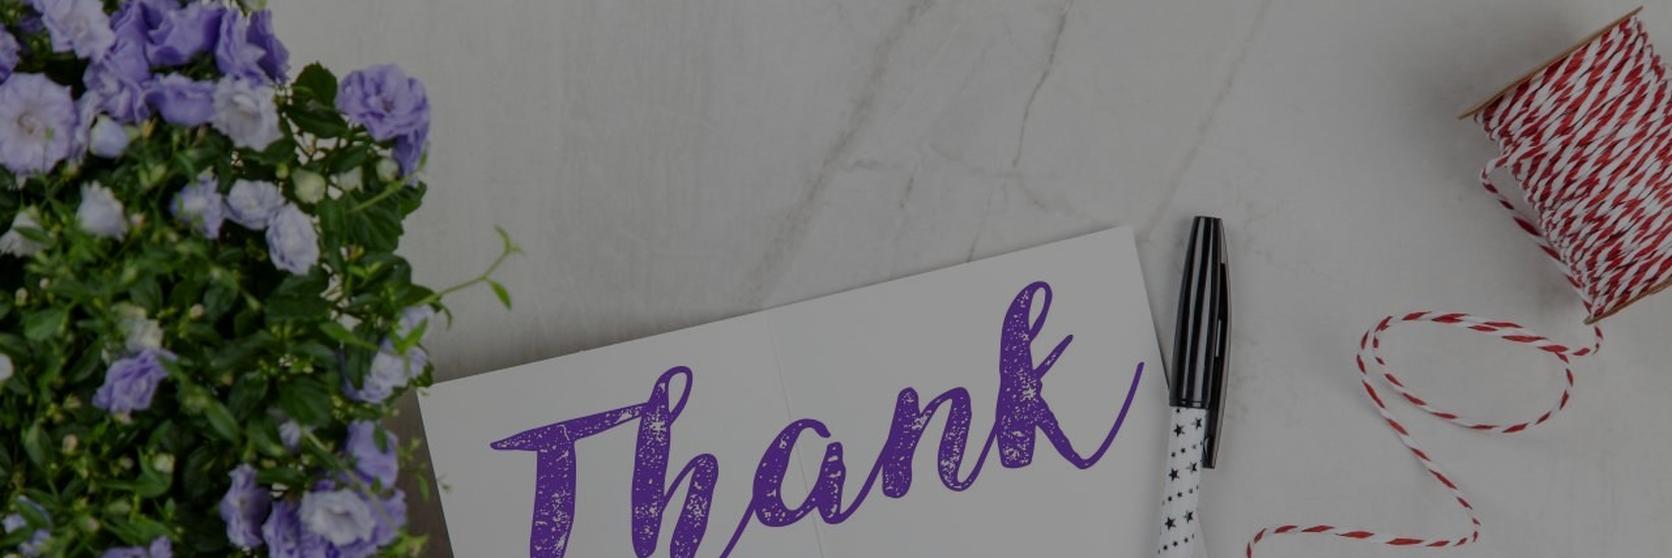 Thank-You-Signage